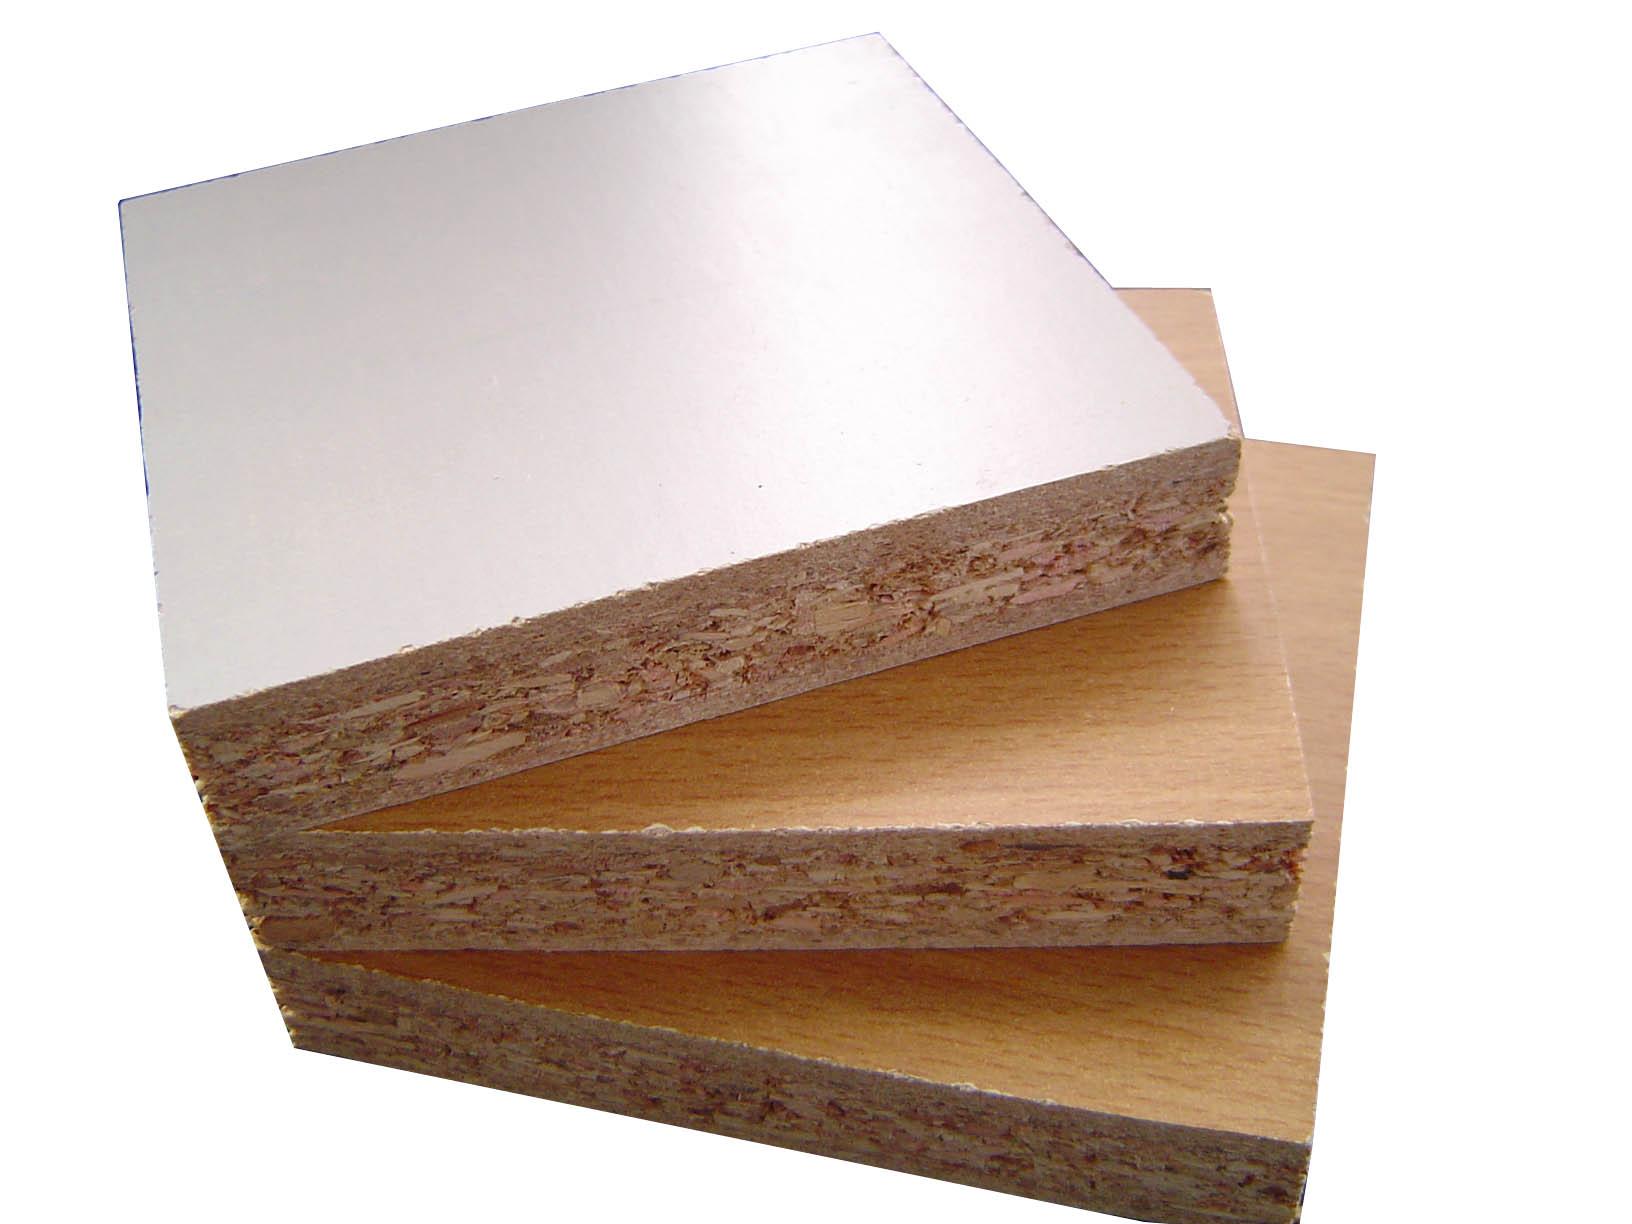 Panneaux de particules agglom r 10 mm for Panneaux de particules melamines